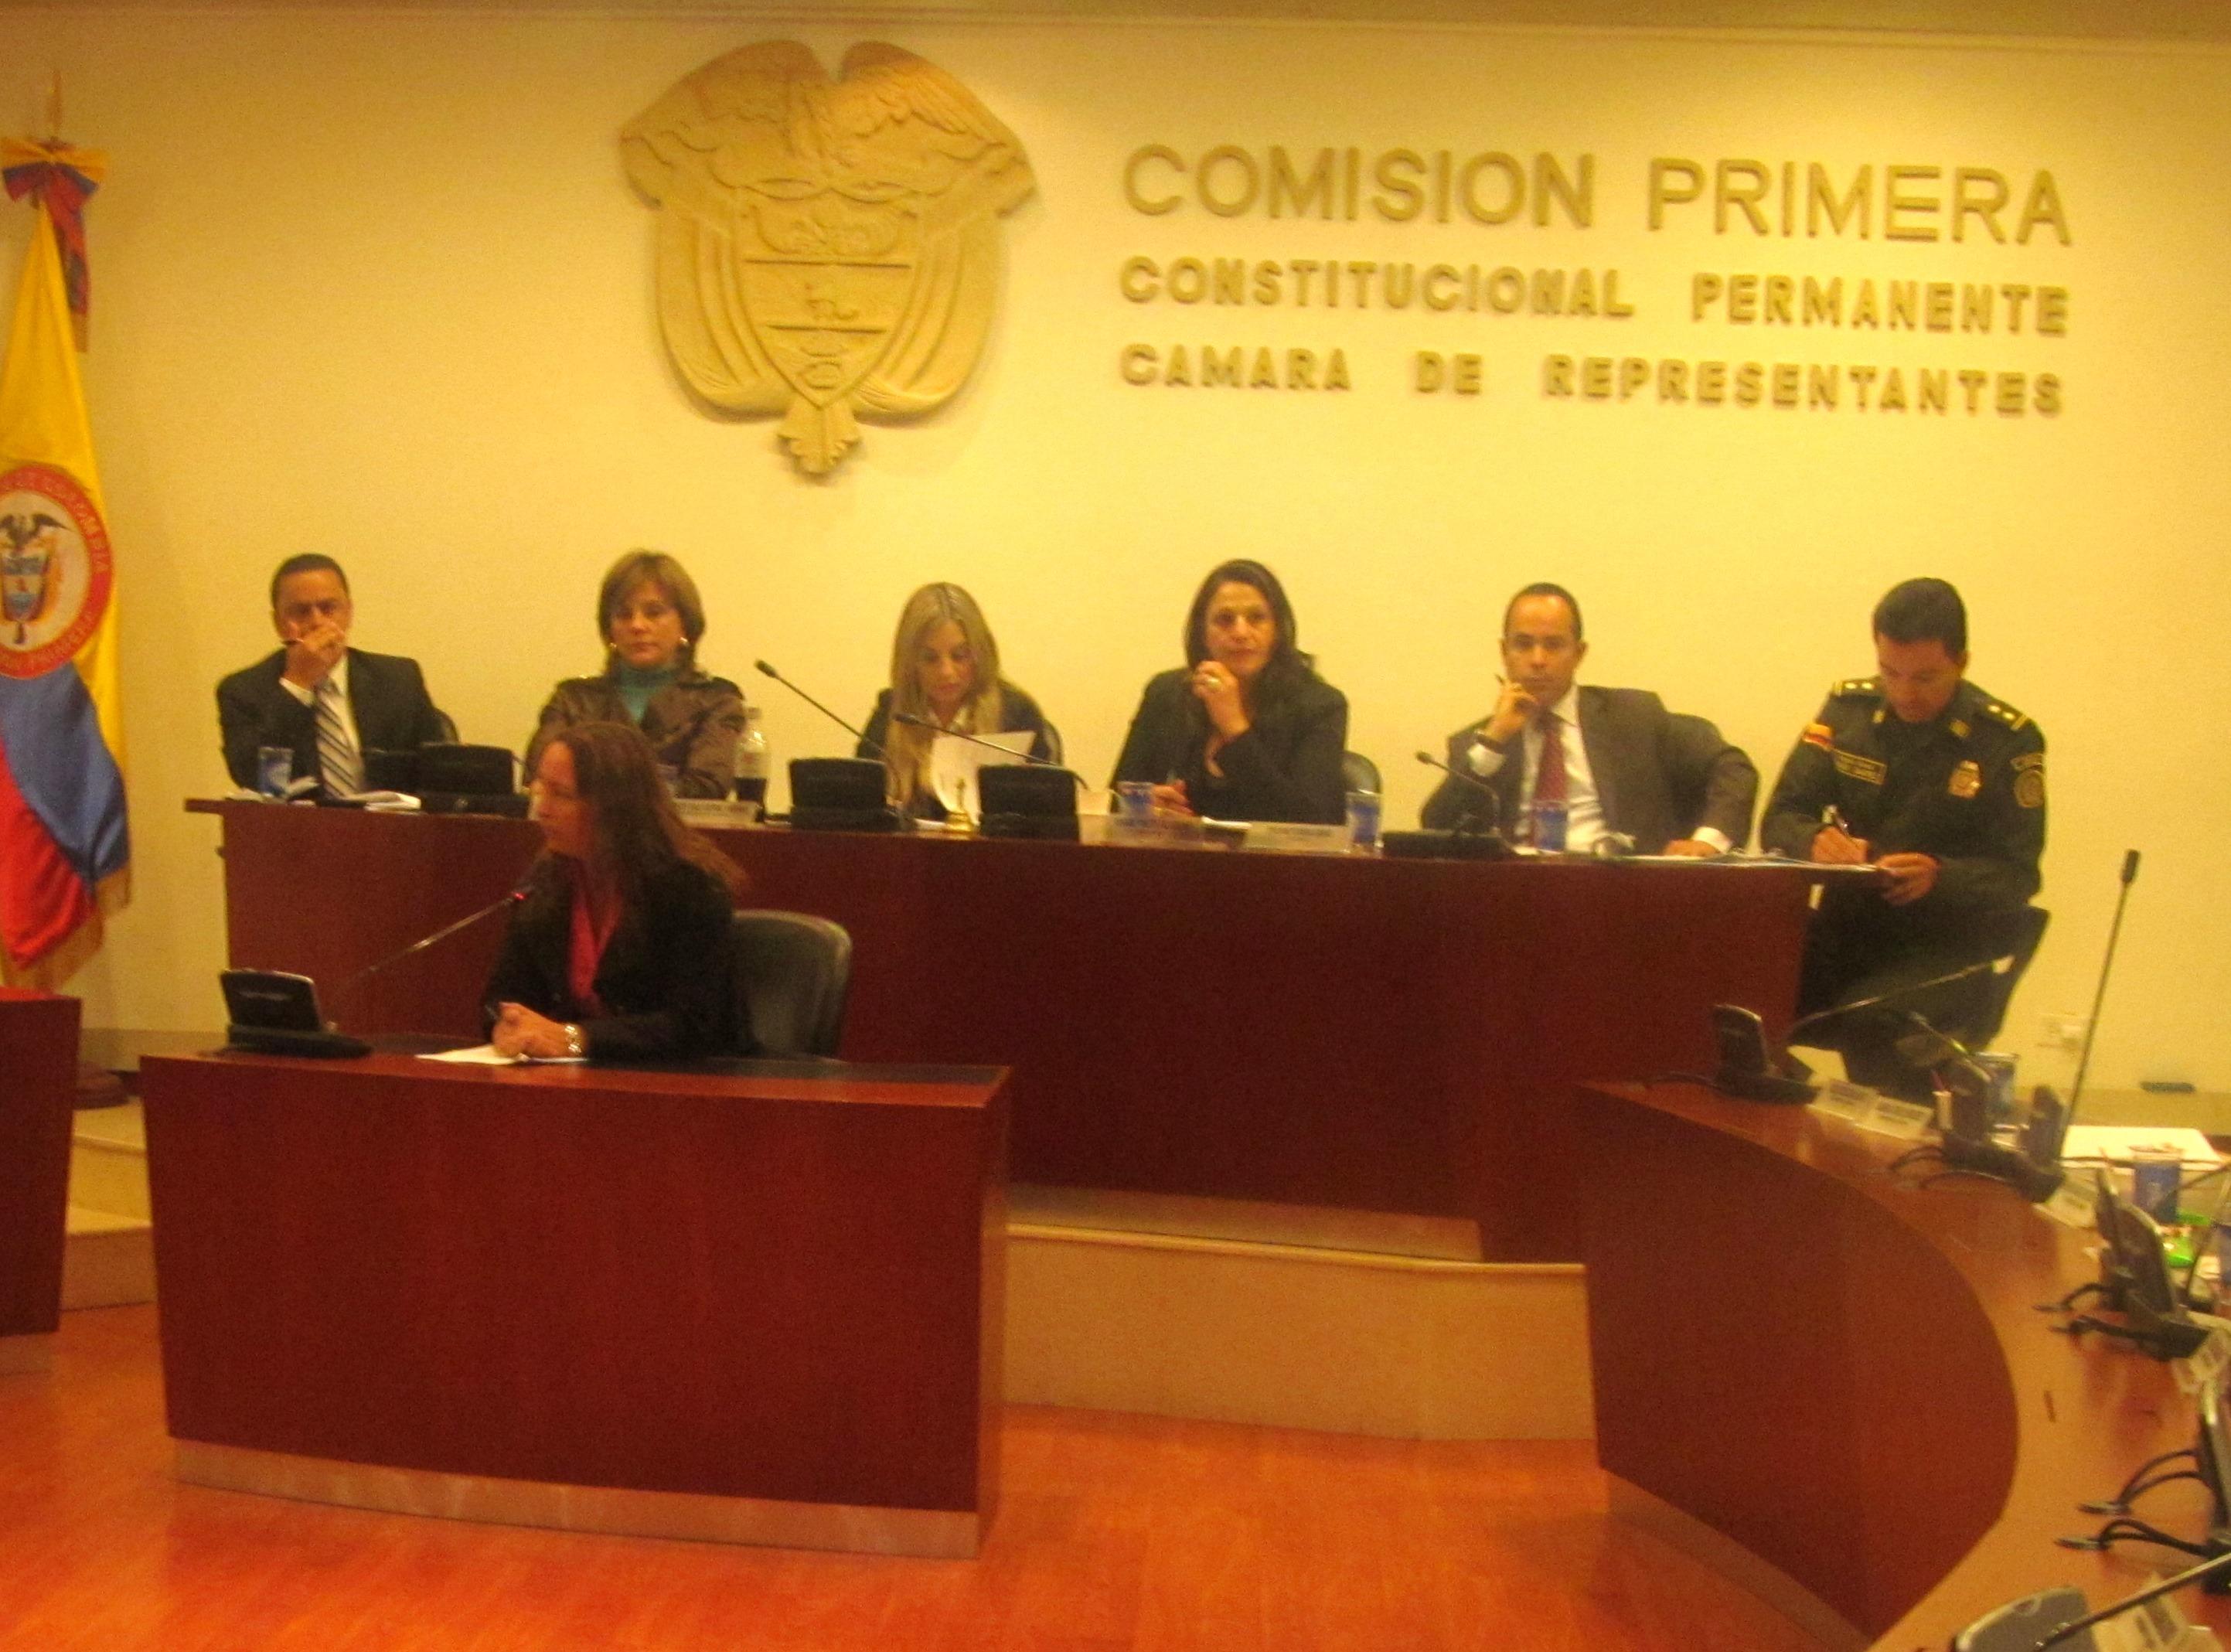 Aprobado en primer debate unificación de periodos de gobiernos locales